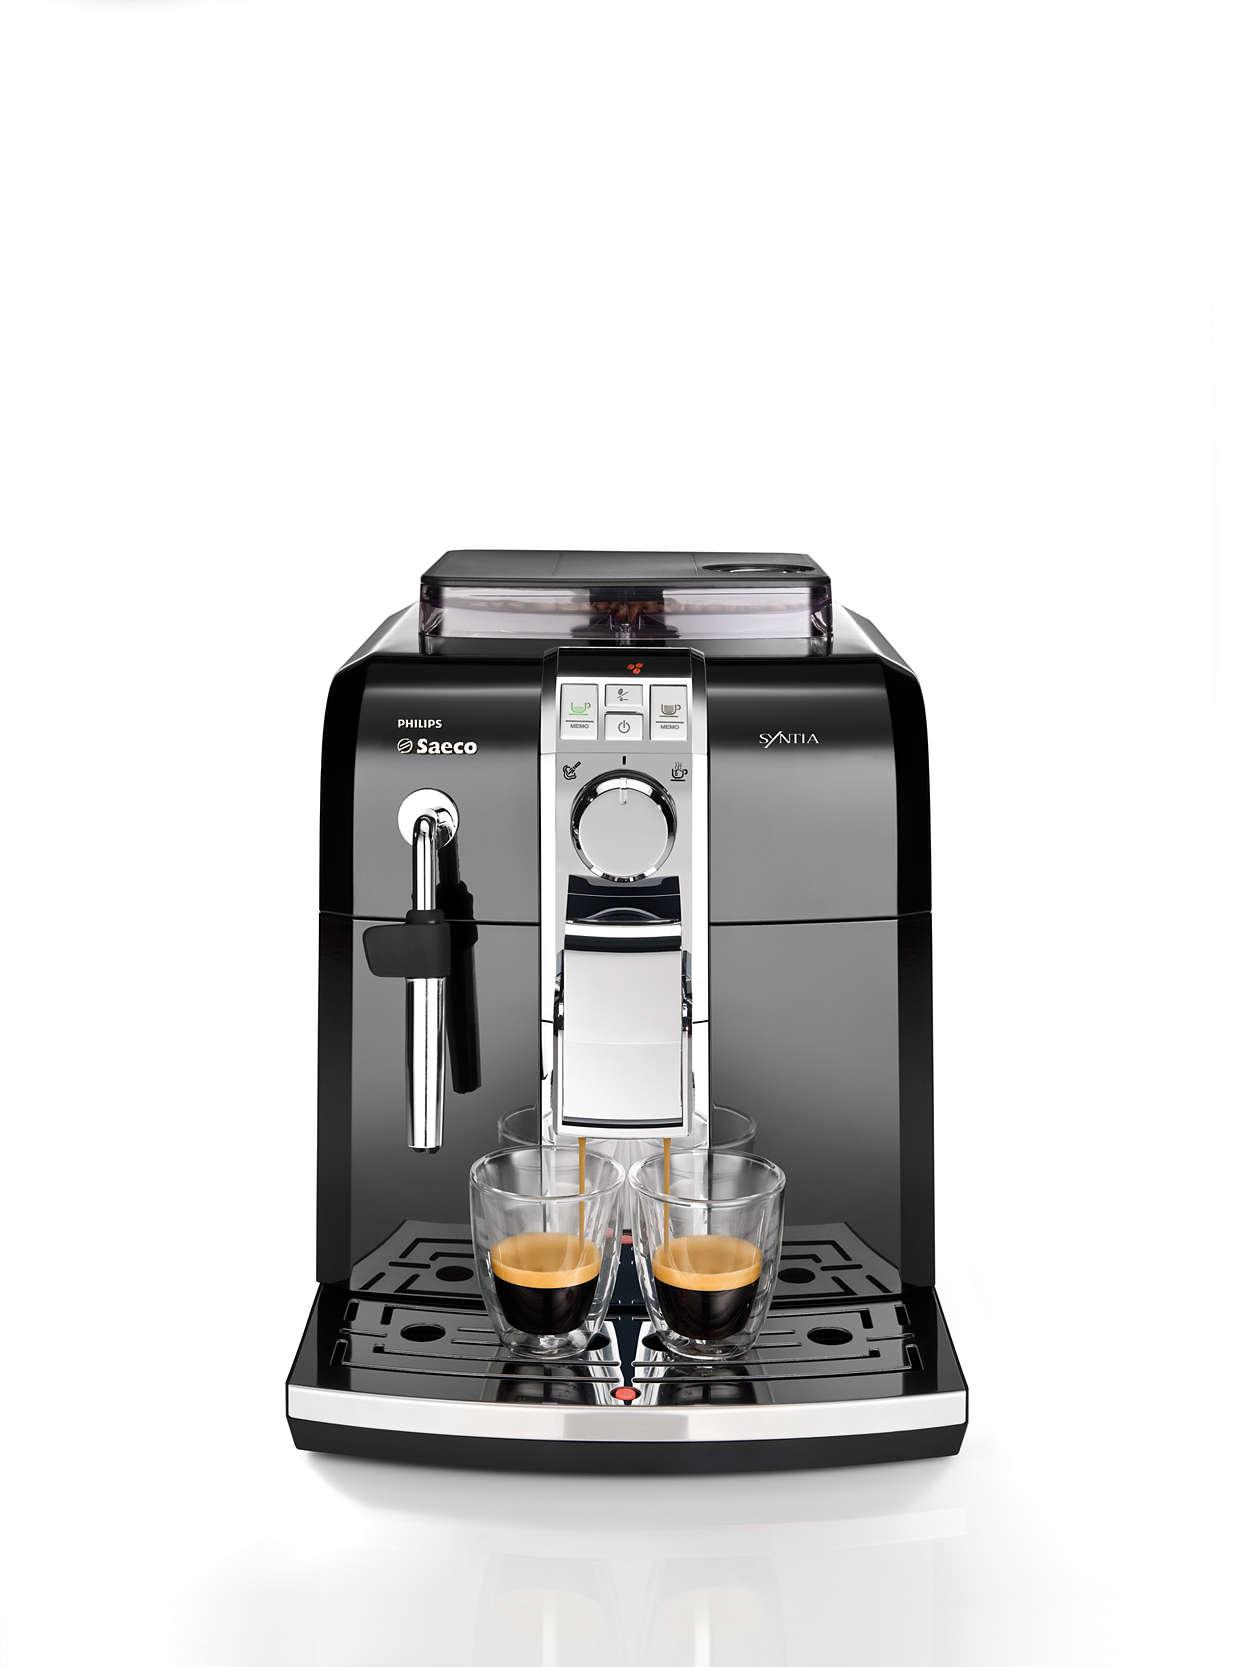 Ζήστε την απόλαυση του ιταλικού espresso στο σπίτι σας